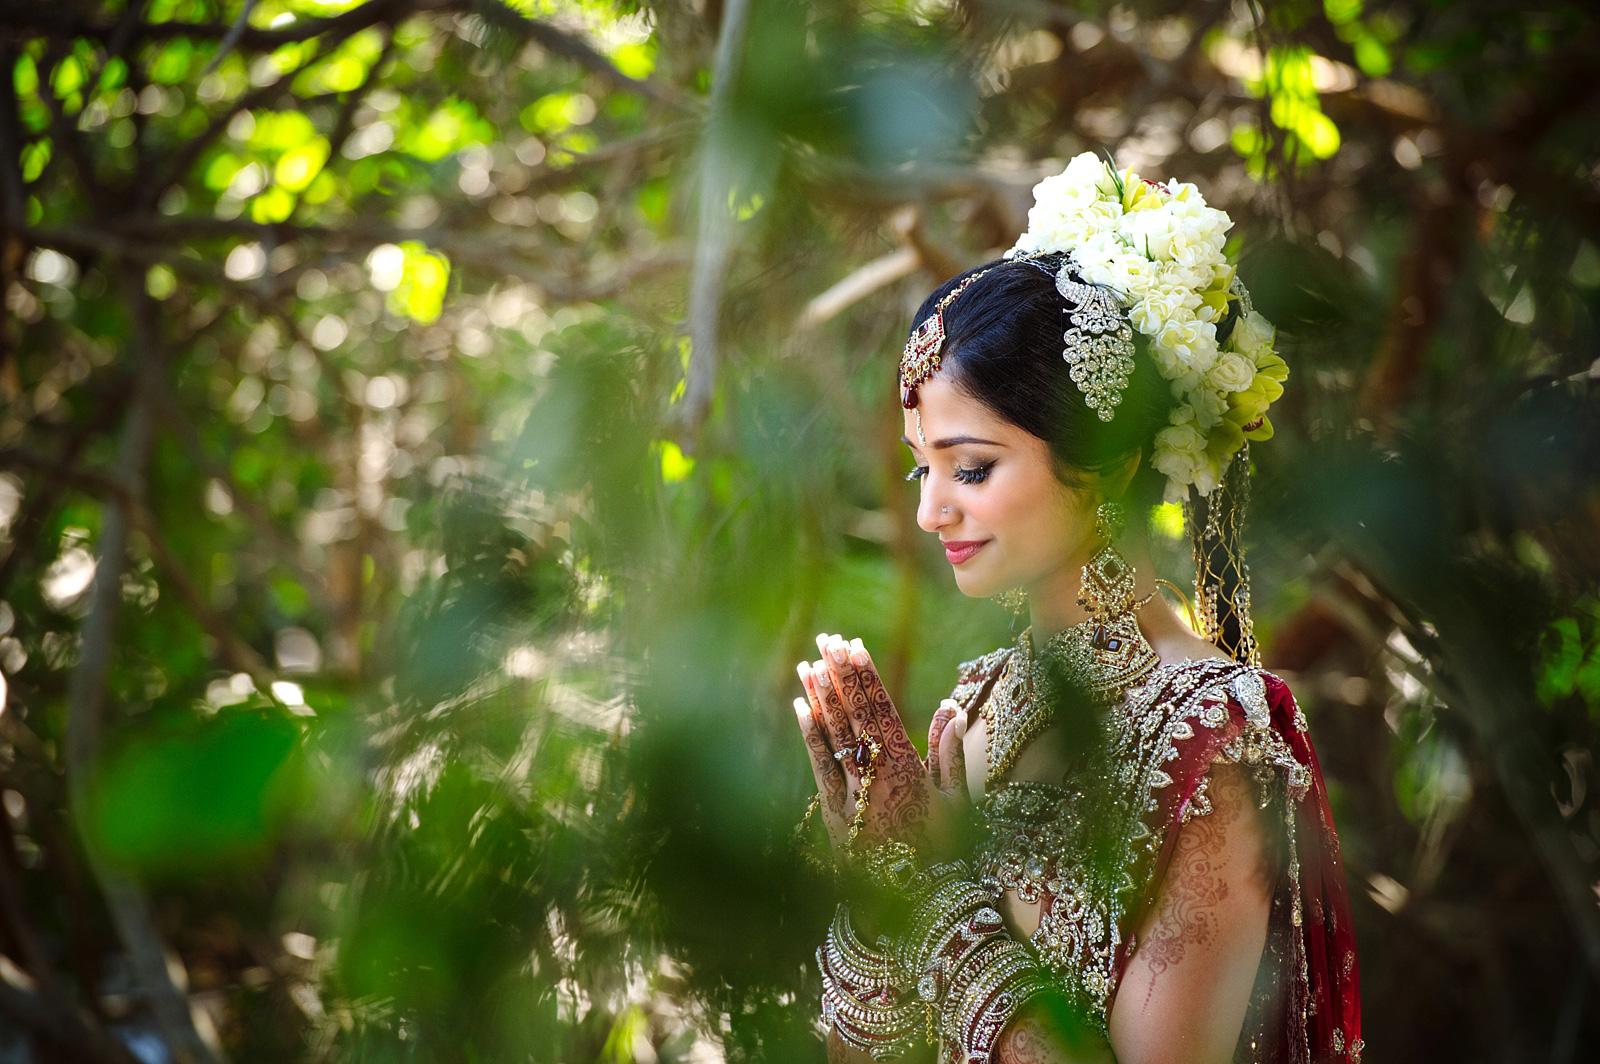 Indian bride praying